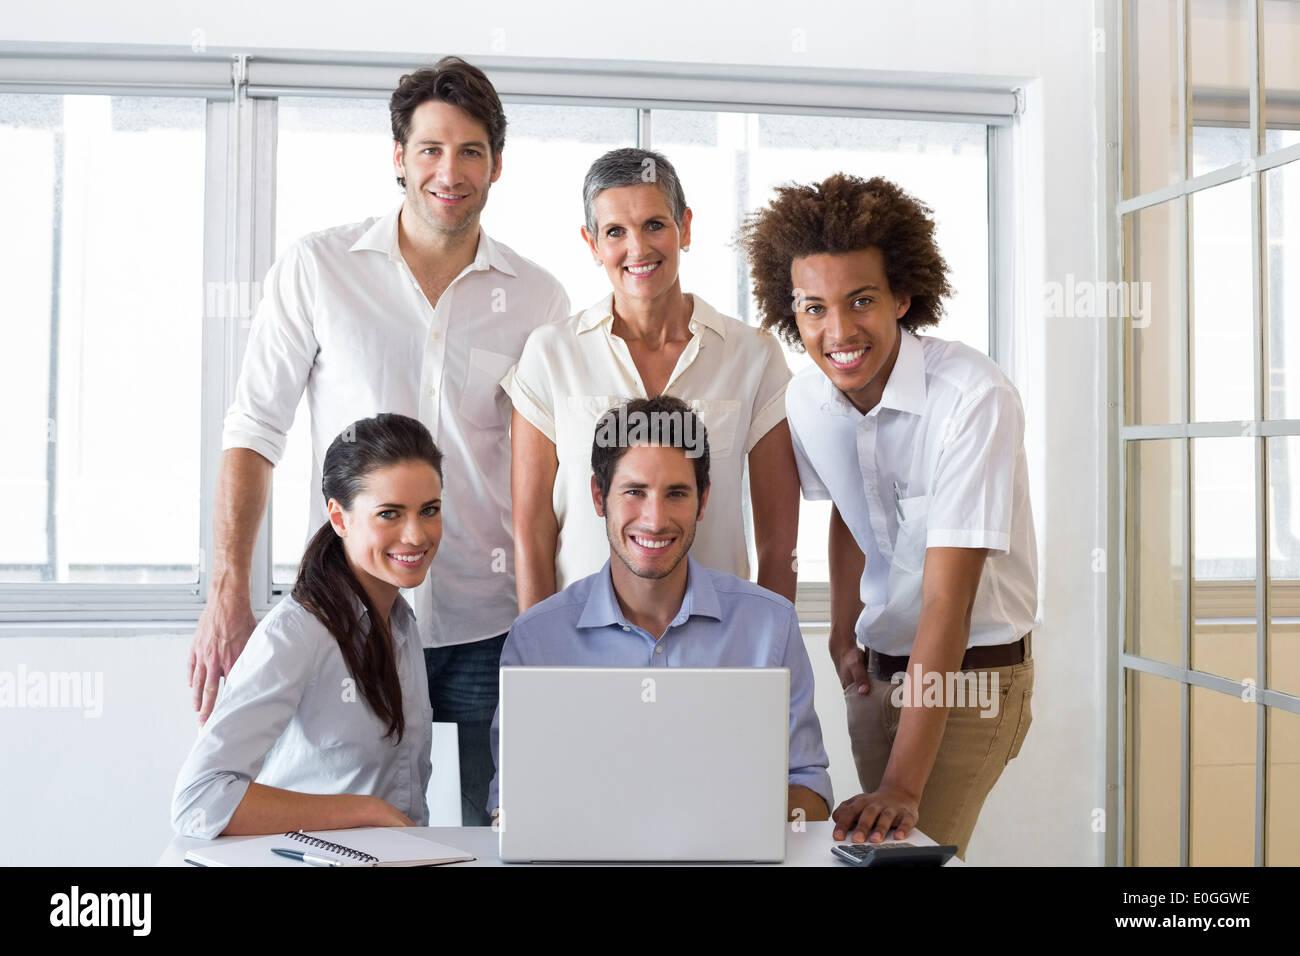 Les gens d'affaires attrayant sourire dans le milieu de travail Banque D'Images